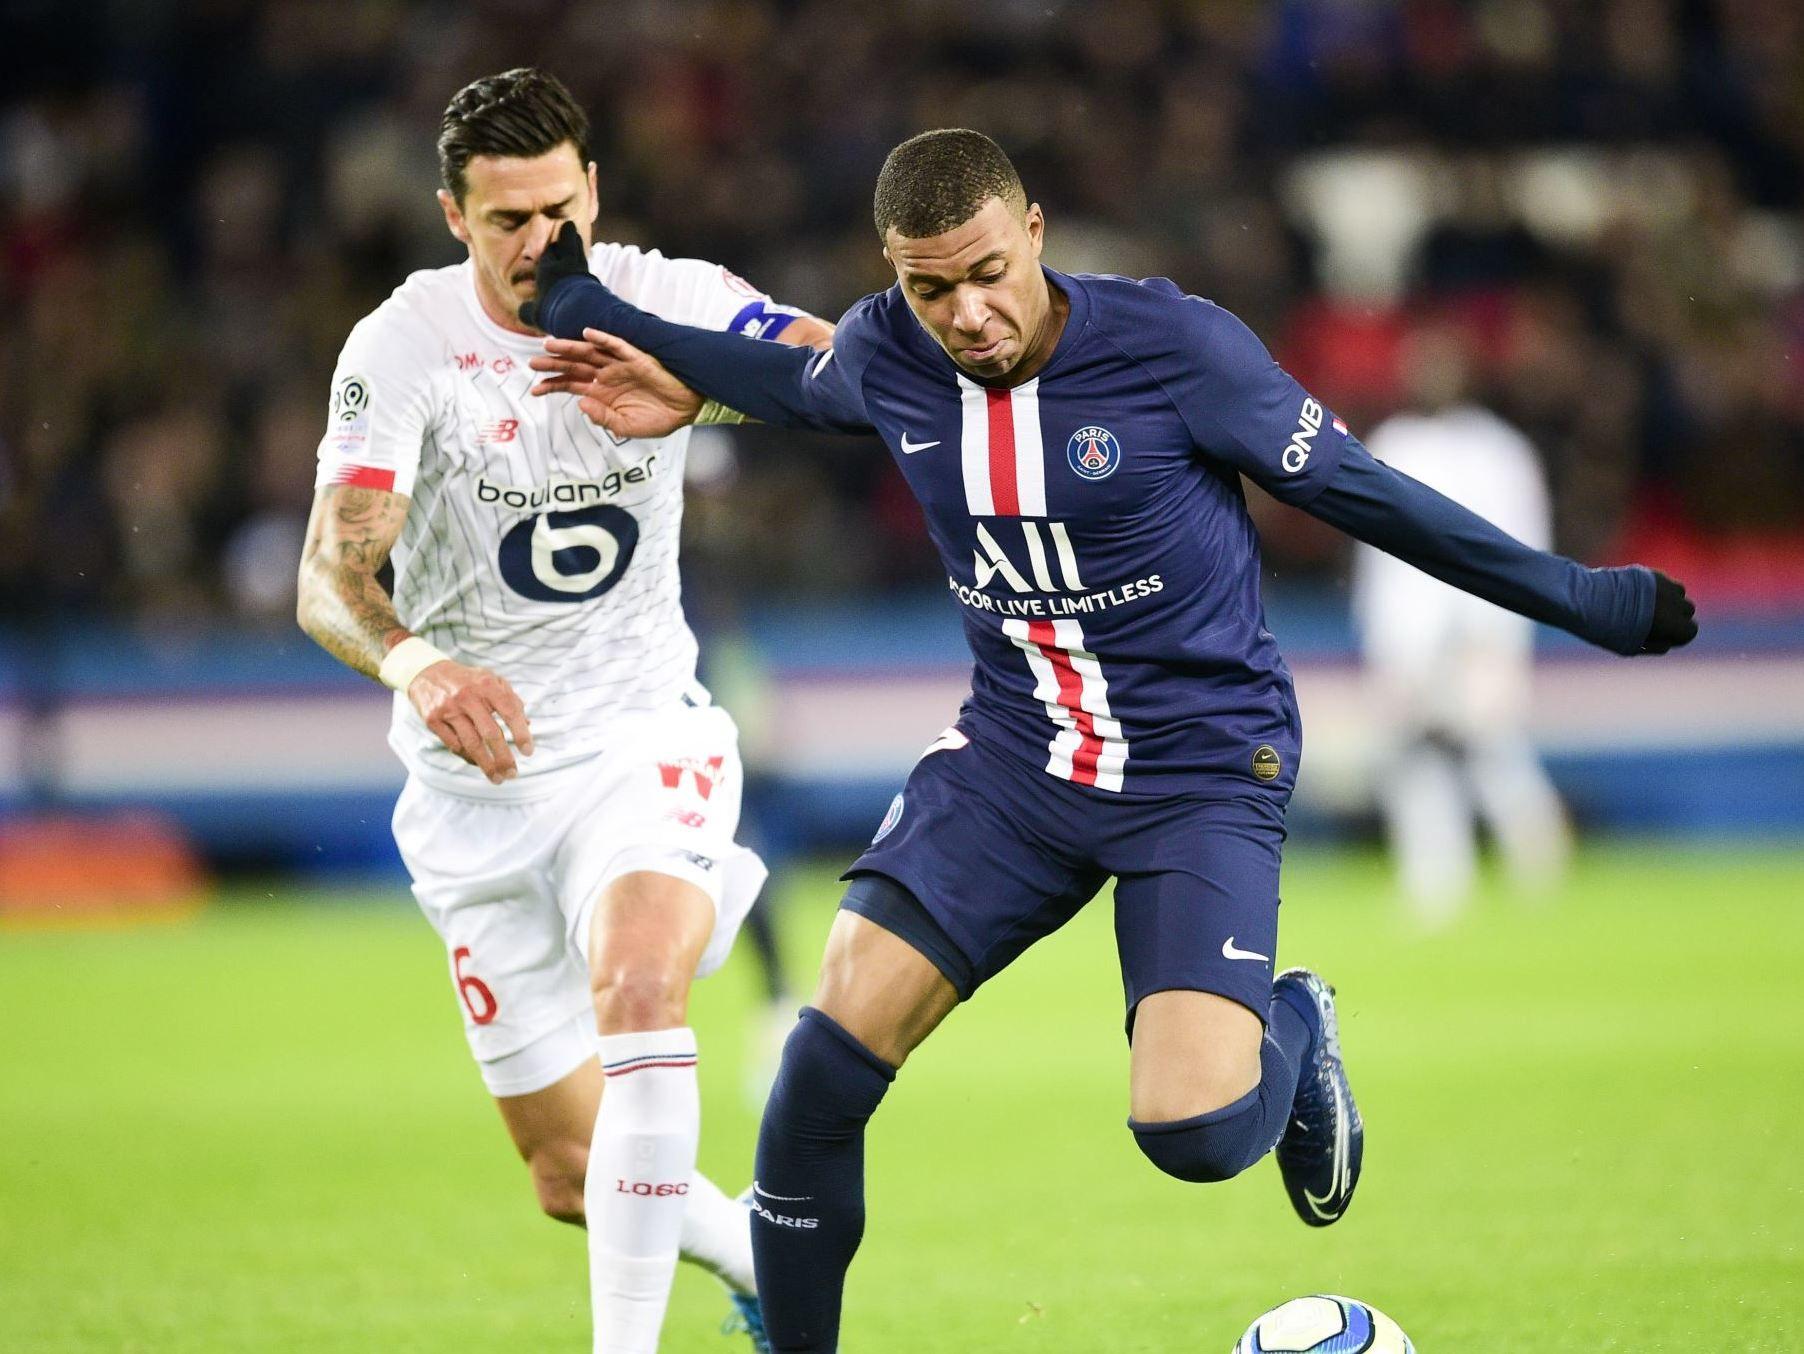 PSGNantes sur quelle chaîne voir le match de Ligue 1 à